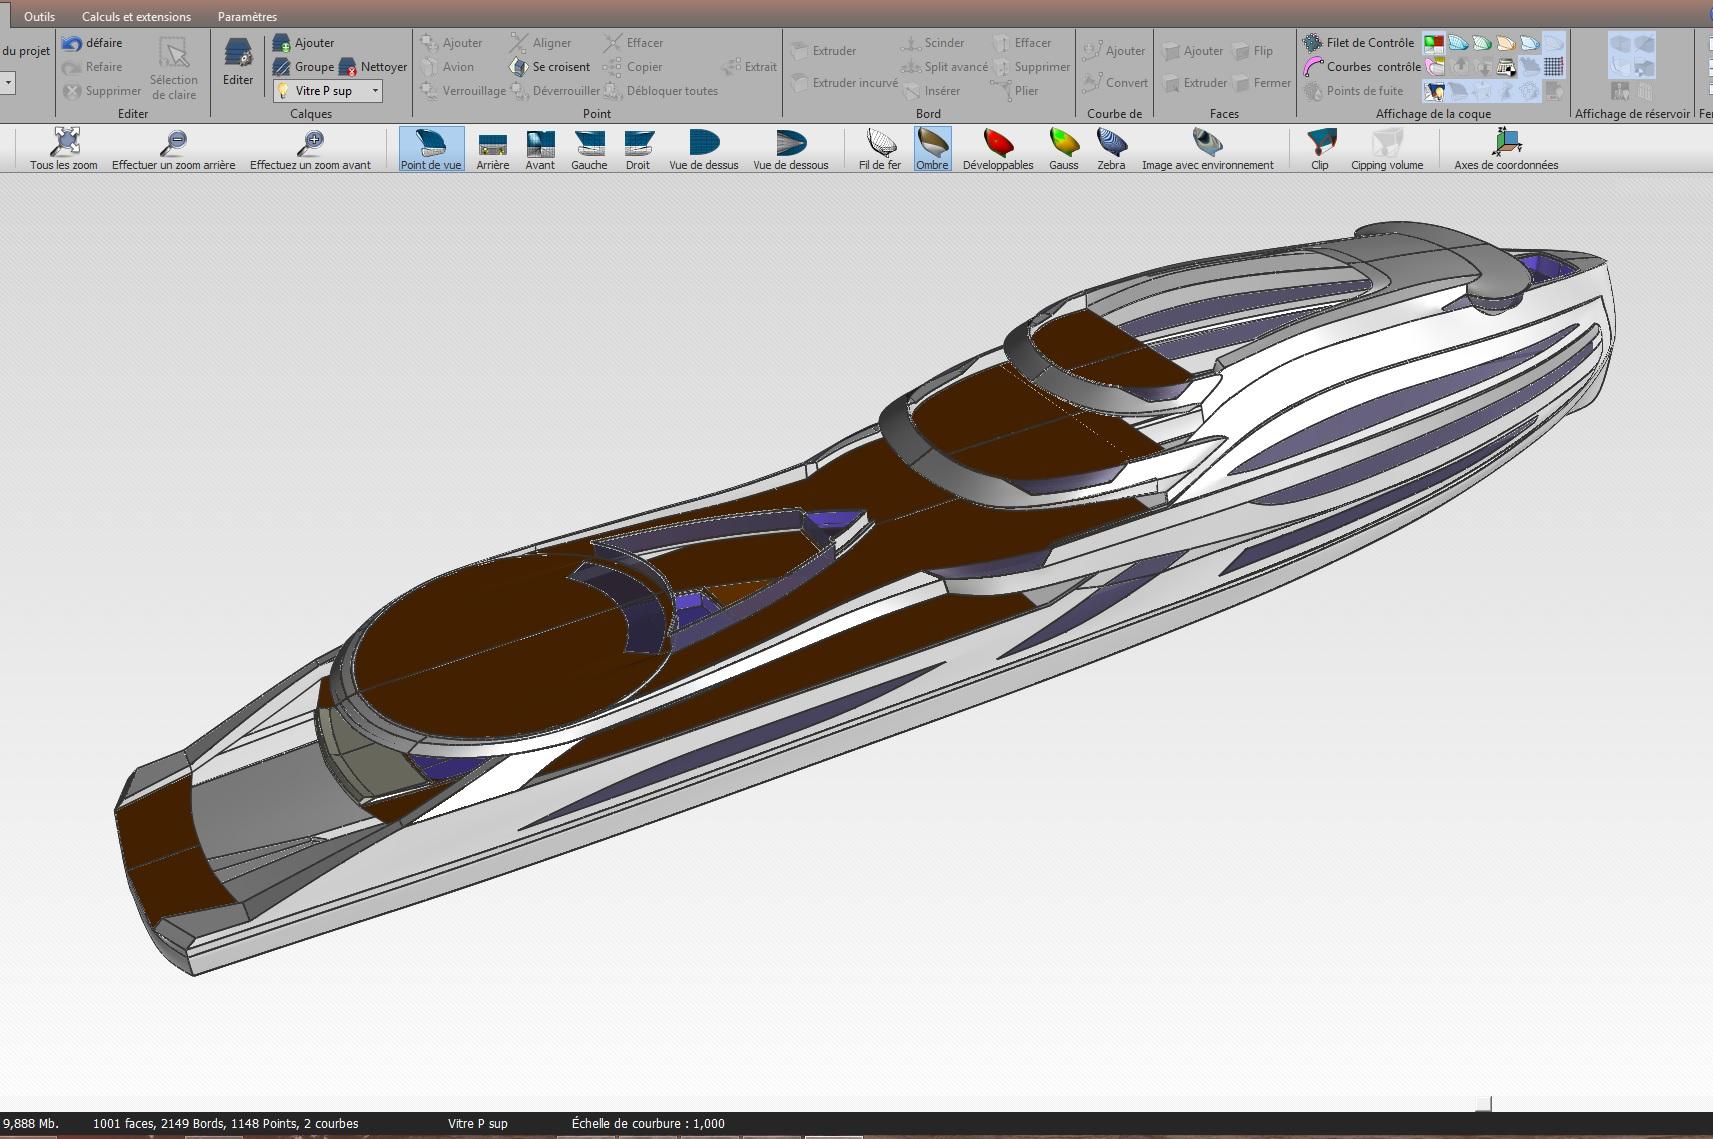 Xbow mega yacht - Page 3 1901050824445350416065836